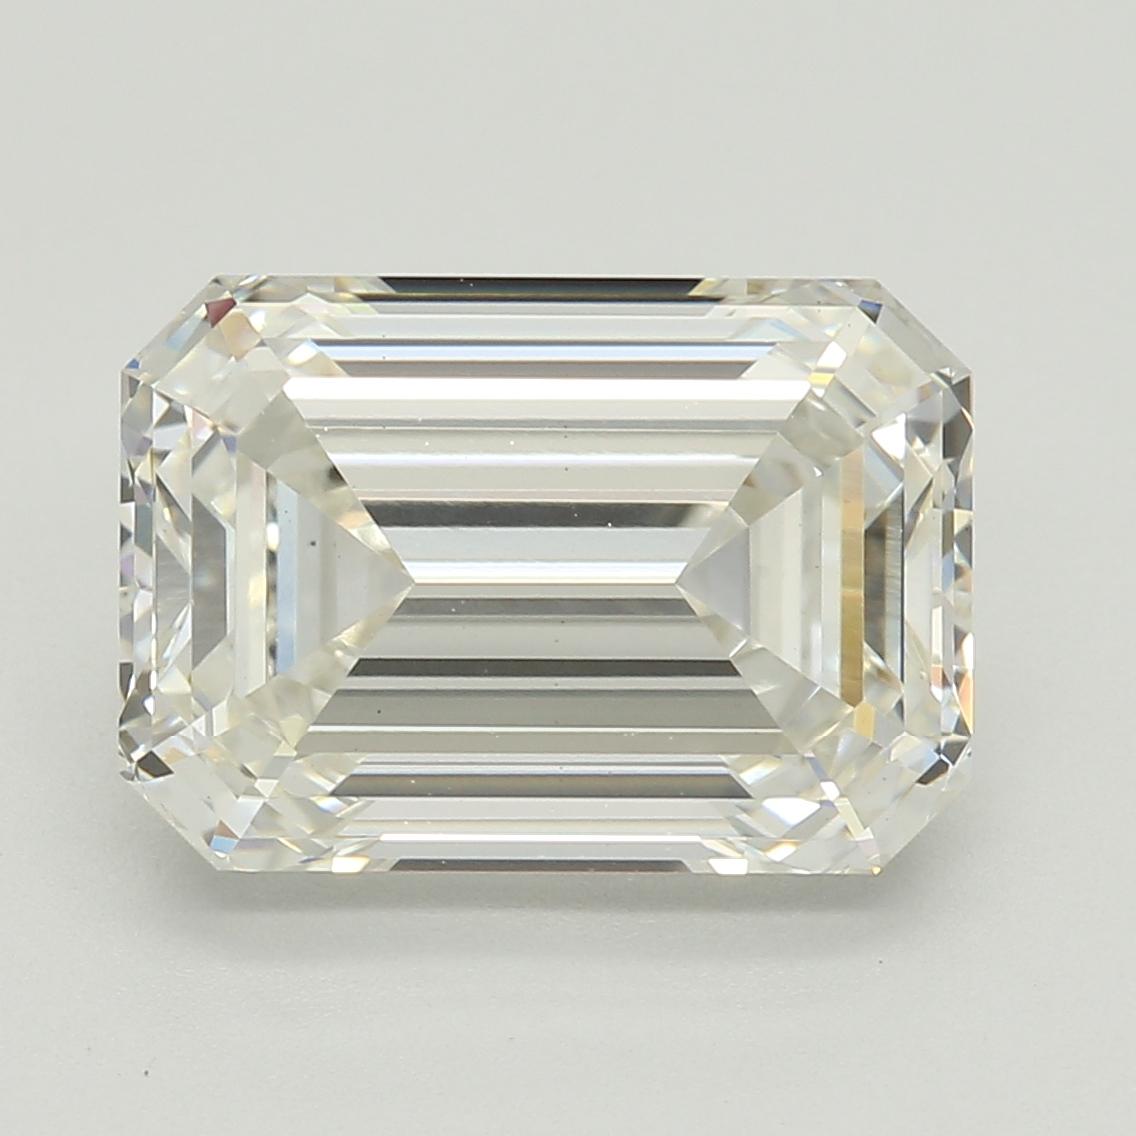 Emerald Cut 3.07 Carat J Color Vs1 Clarity Sku Lg09335453